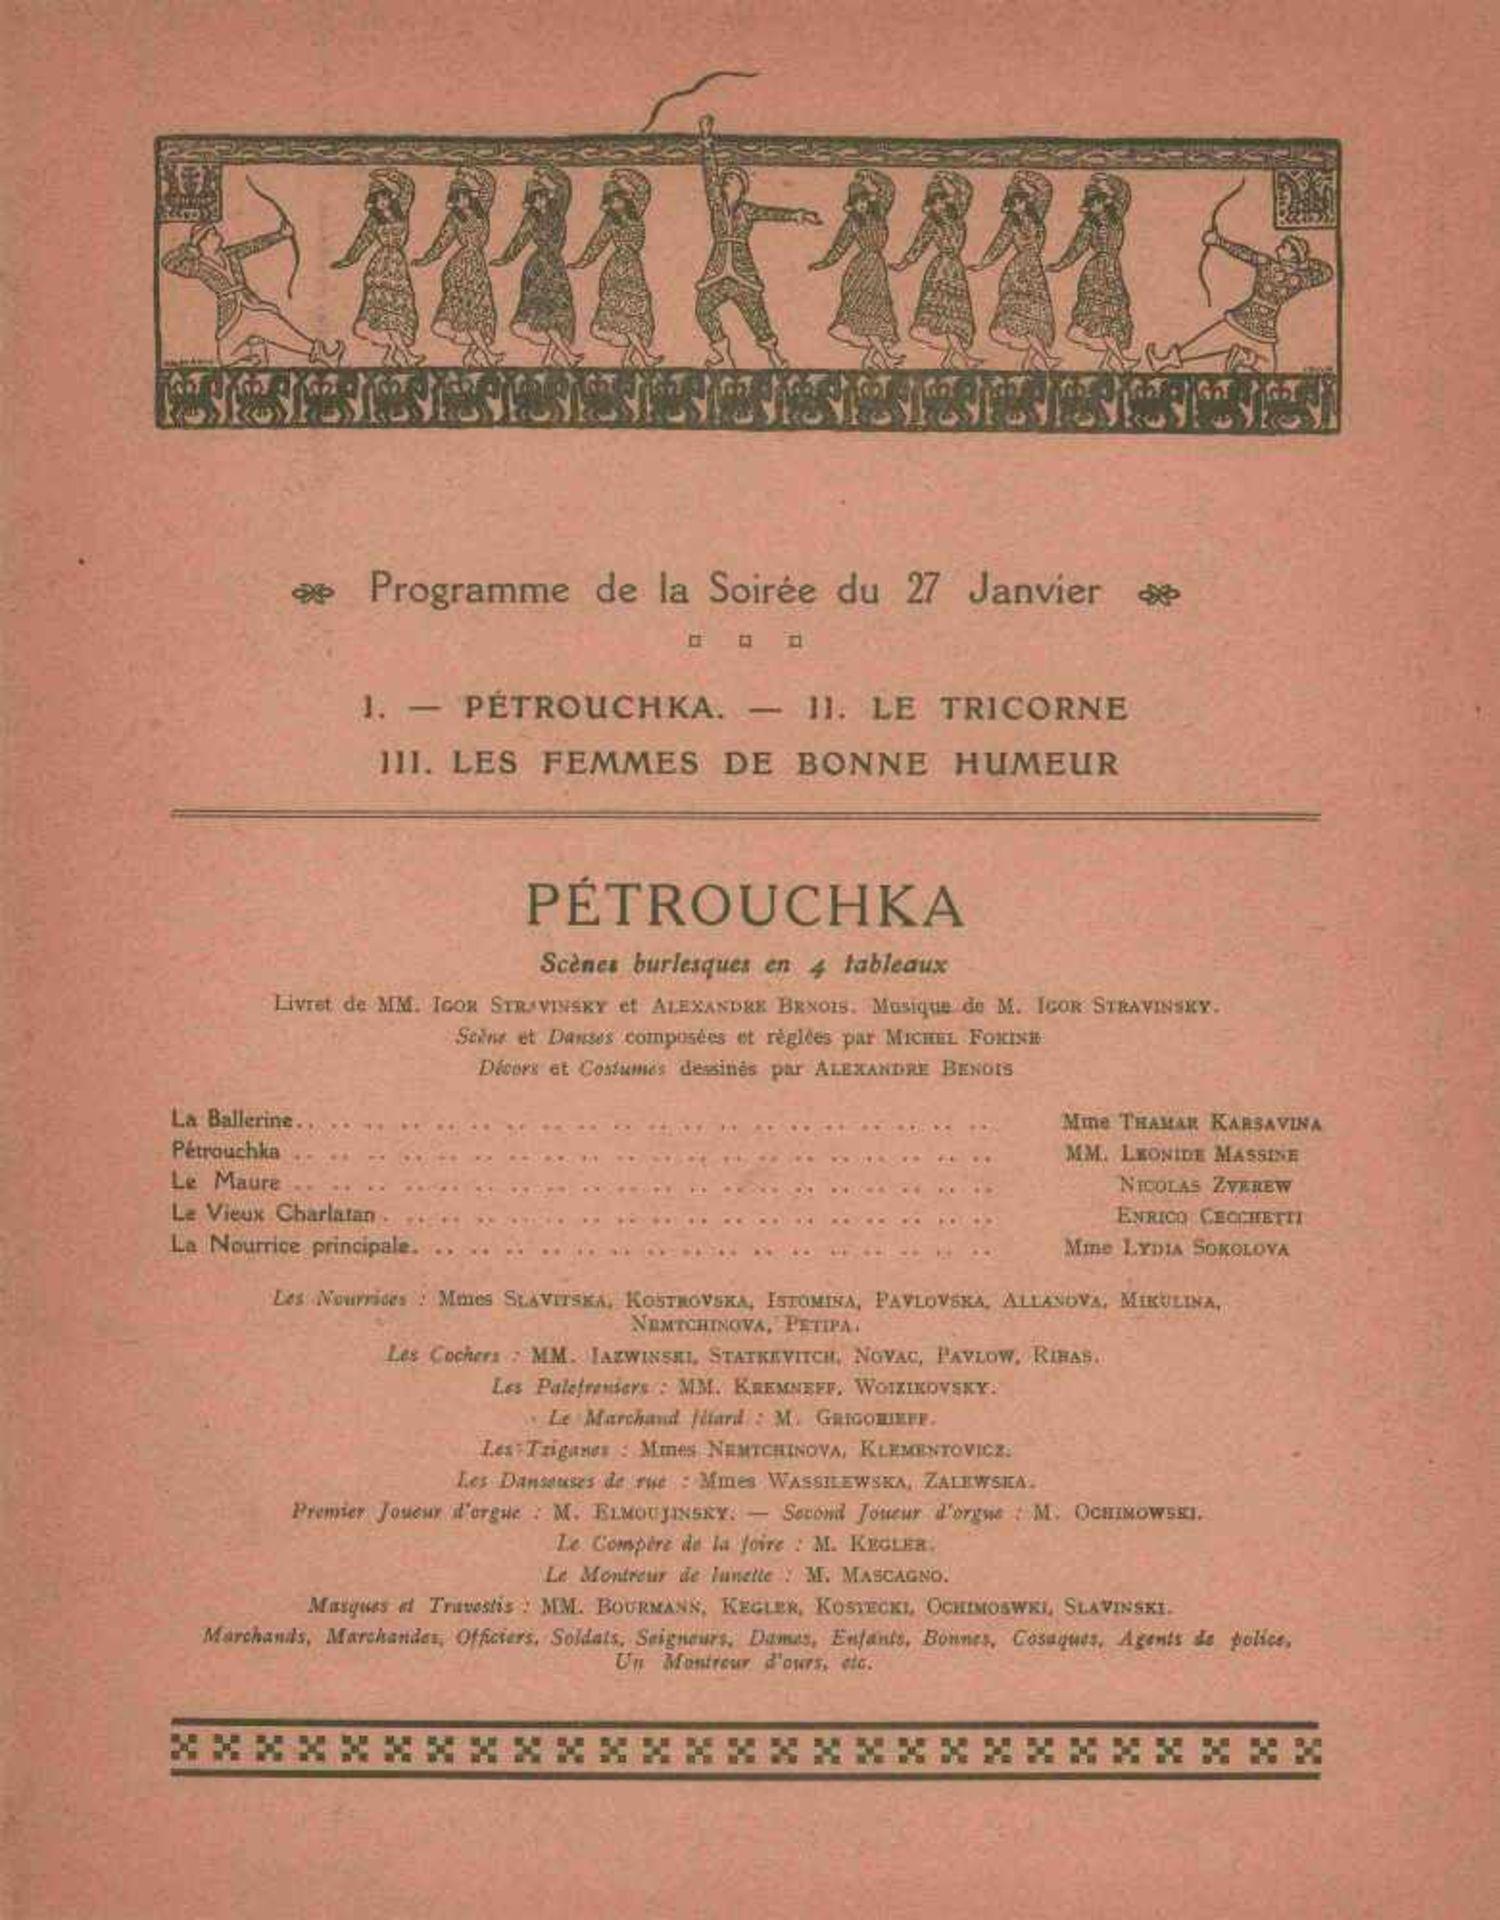 [BALLETS RUSSES, BAKST, DERAIN, MARTY, PICASSO] Ballets Russes von Sergei Djagilew 11. Saison in der - Bild 2 aus 2